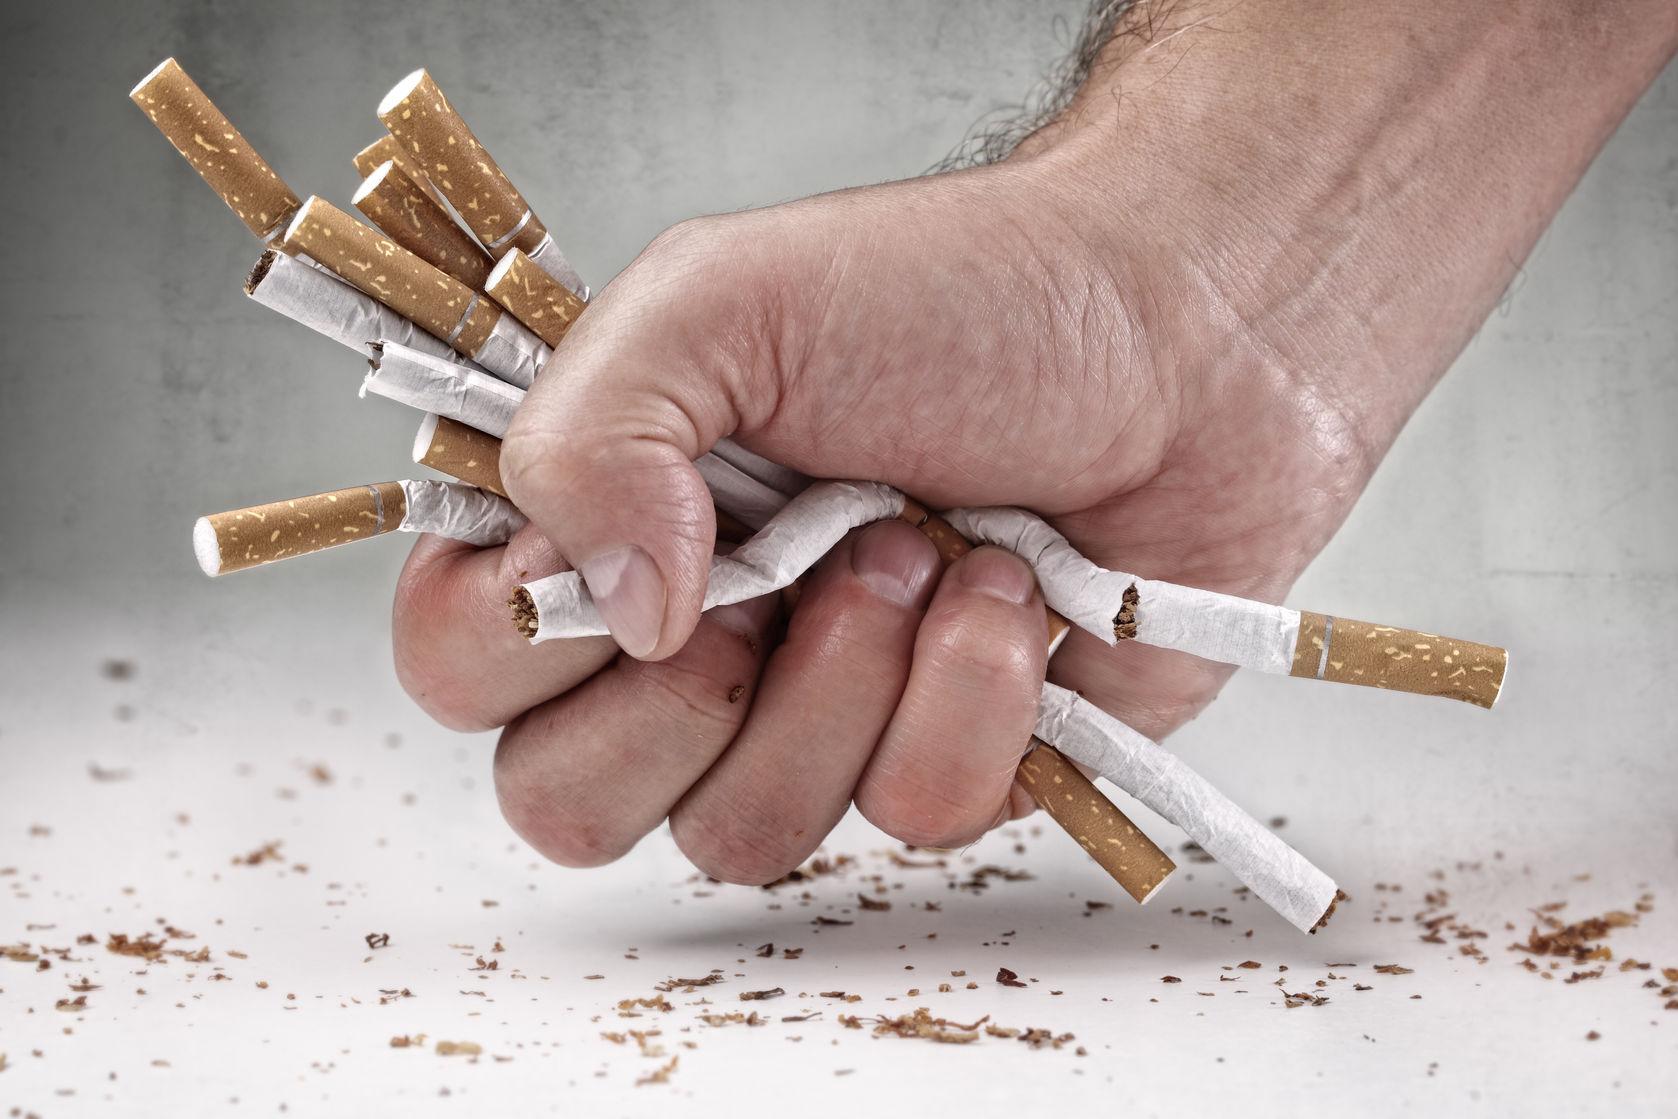 9 Şubat Dünya Sigarayı Bırakma Günü: Sigarayı hemen bırakmak için 10 neden